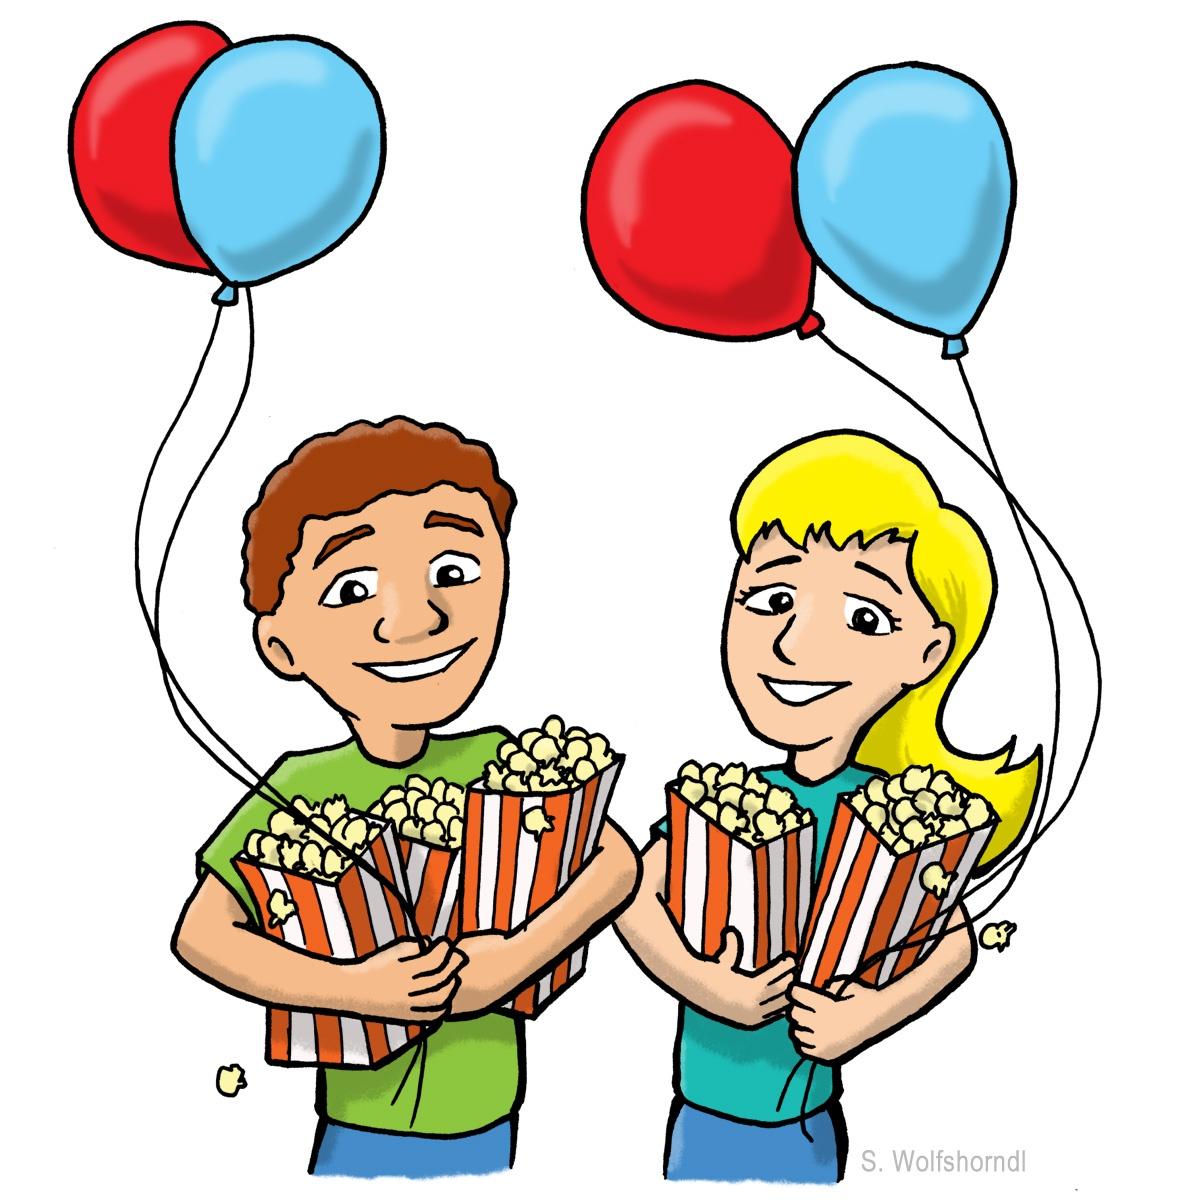 Festival clipart kids carnival Clip Art Best Carnival Games